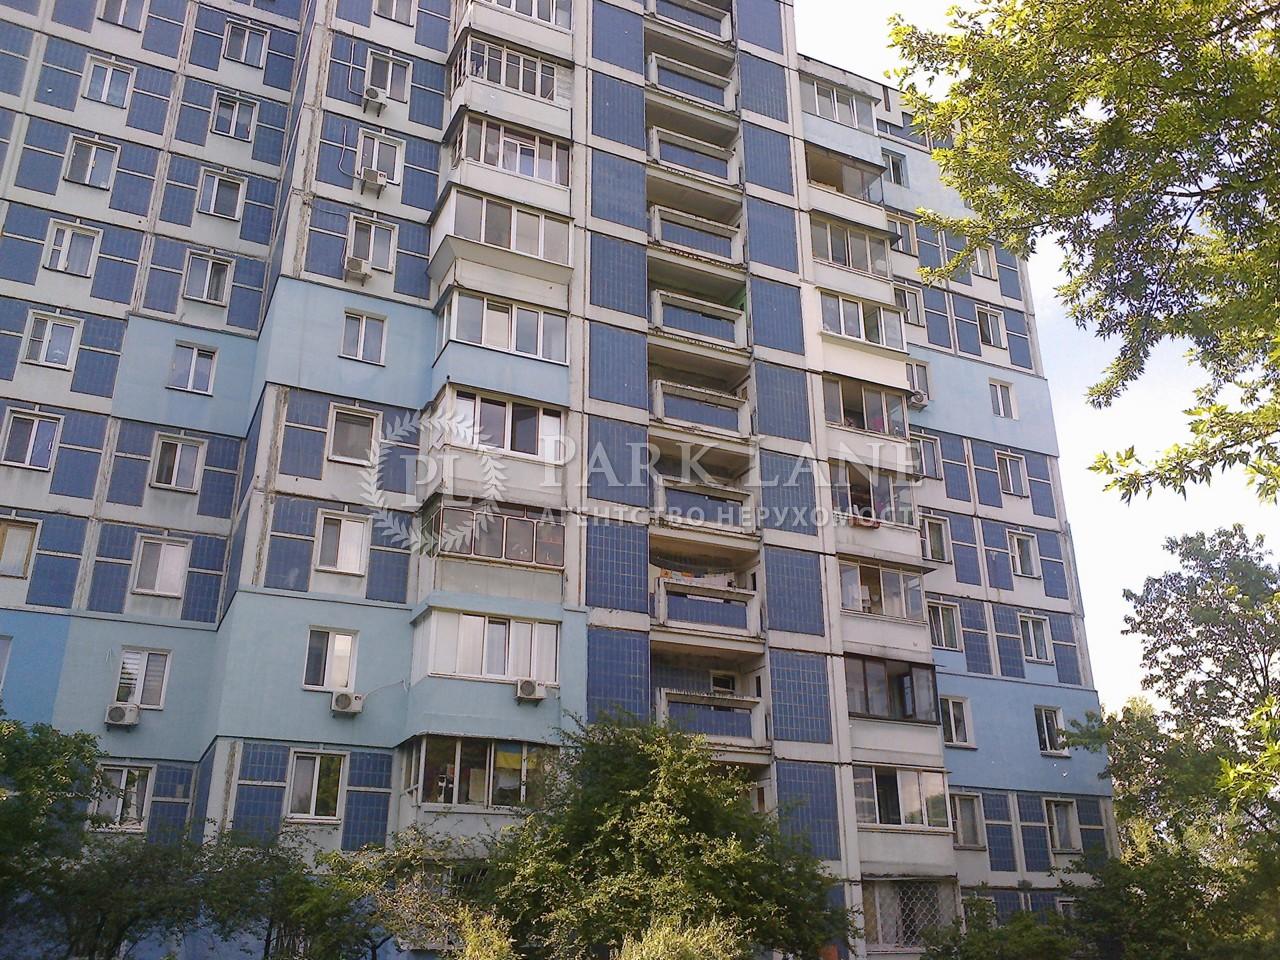 Квартира Z-993275, Иорданская (Гавро Лайоша), 9е, Киев - Фото 1